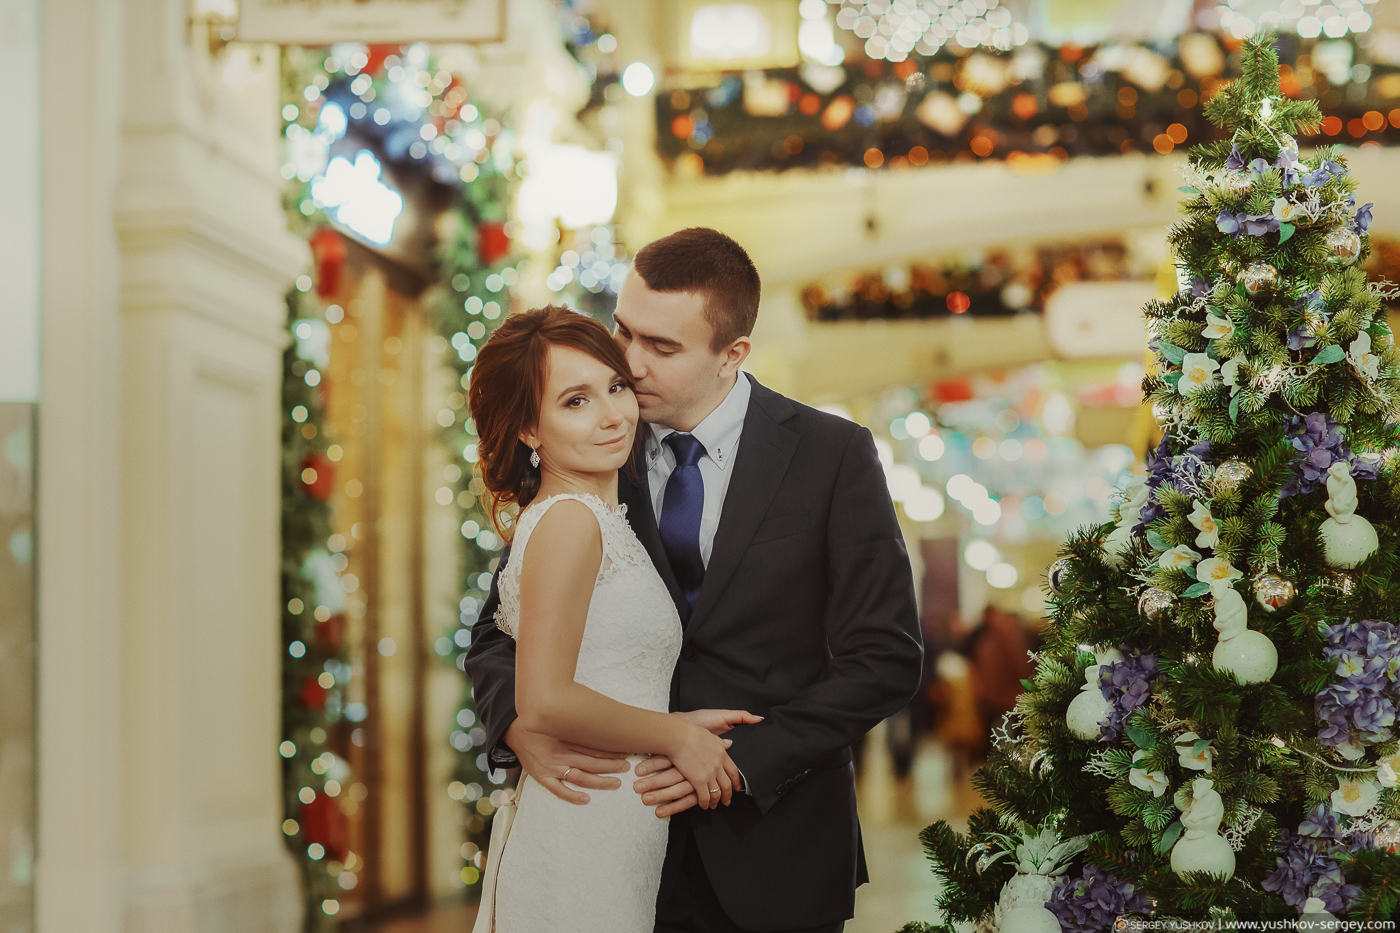 Улицы москвы для свадебной фотосессии зимой